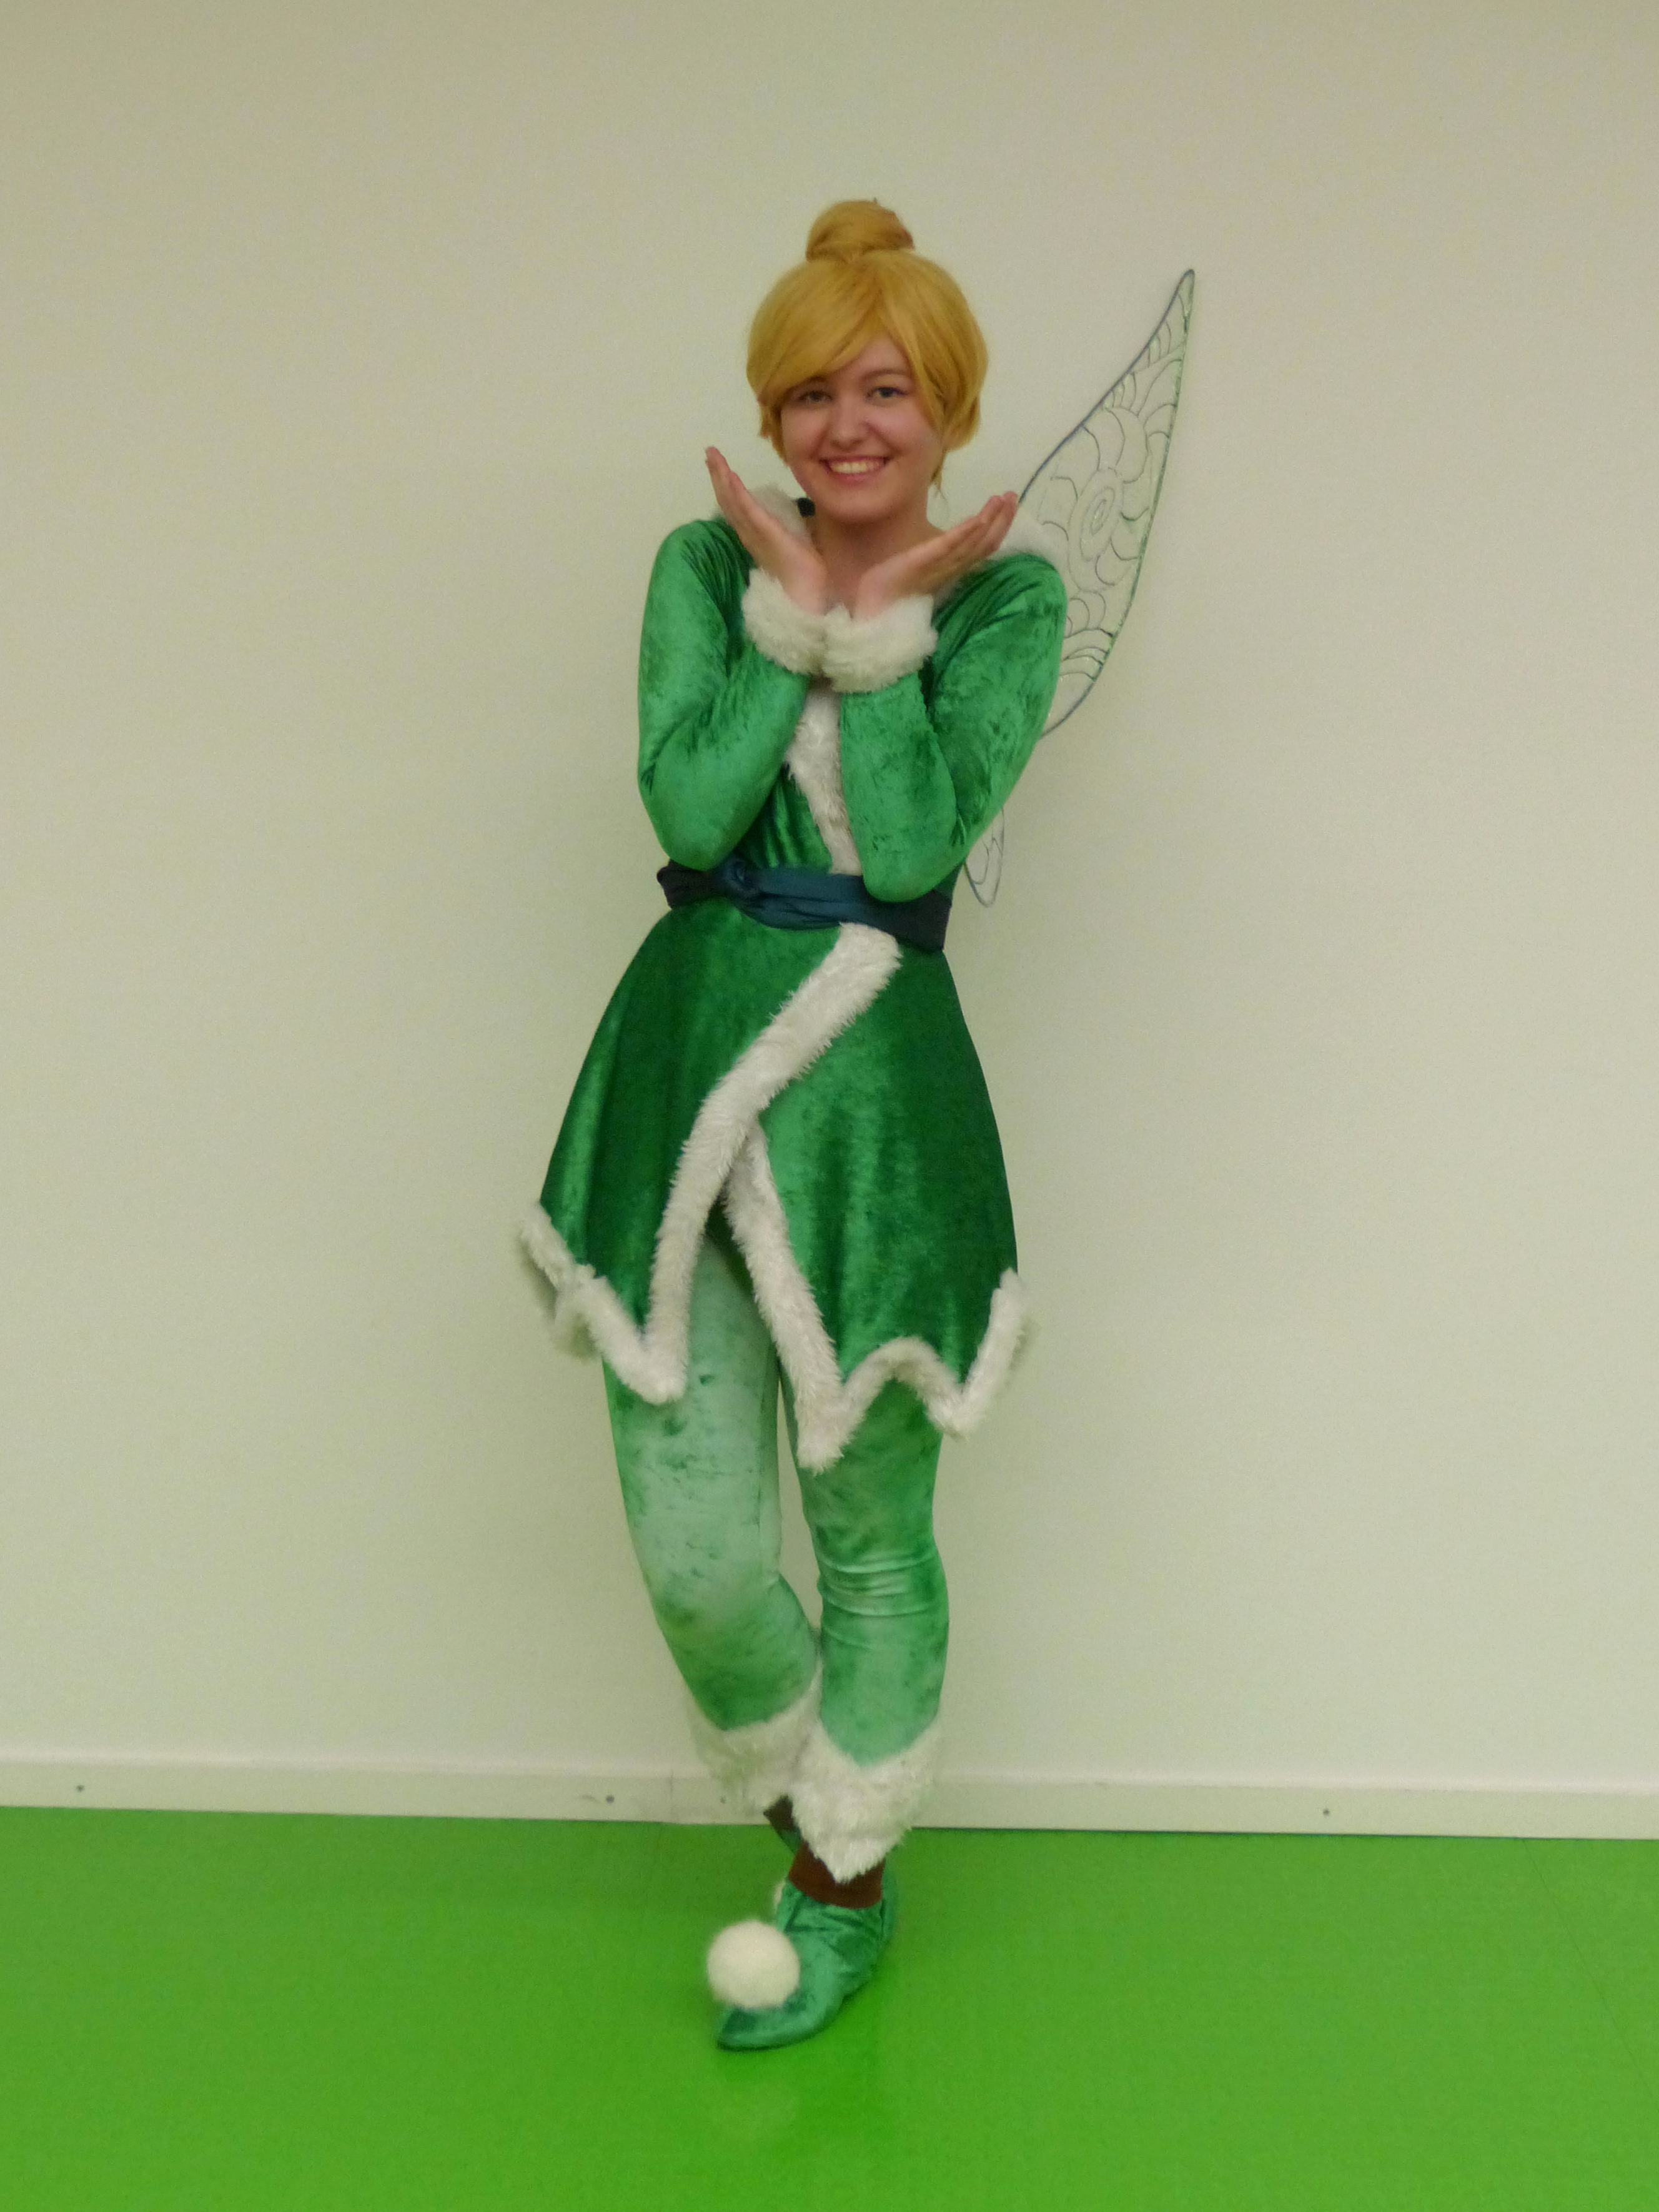 Madeleine als Tinkerbell (Winterversion) aus Tinkerbell